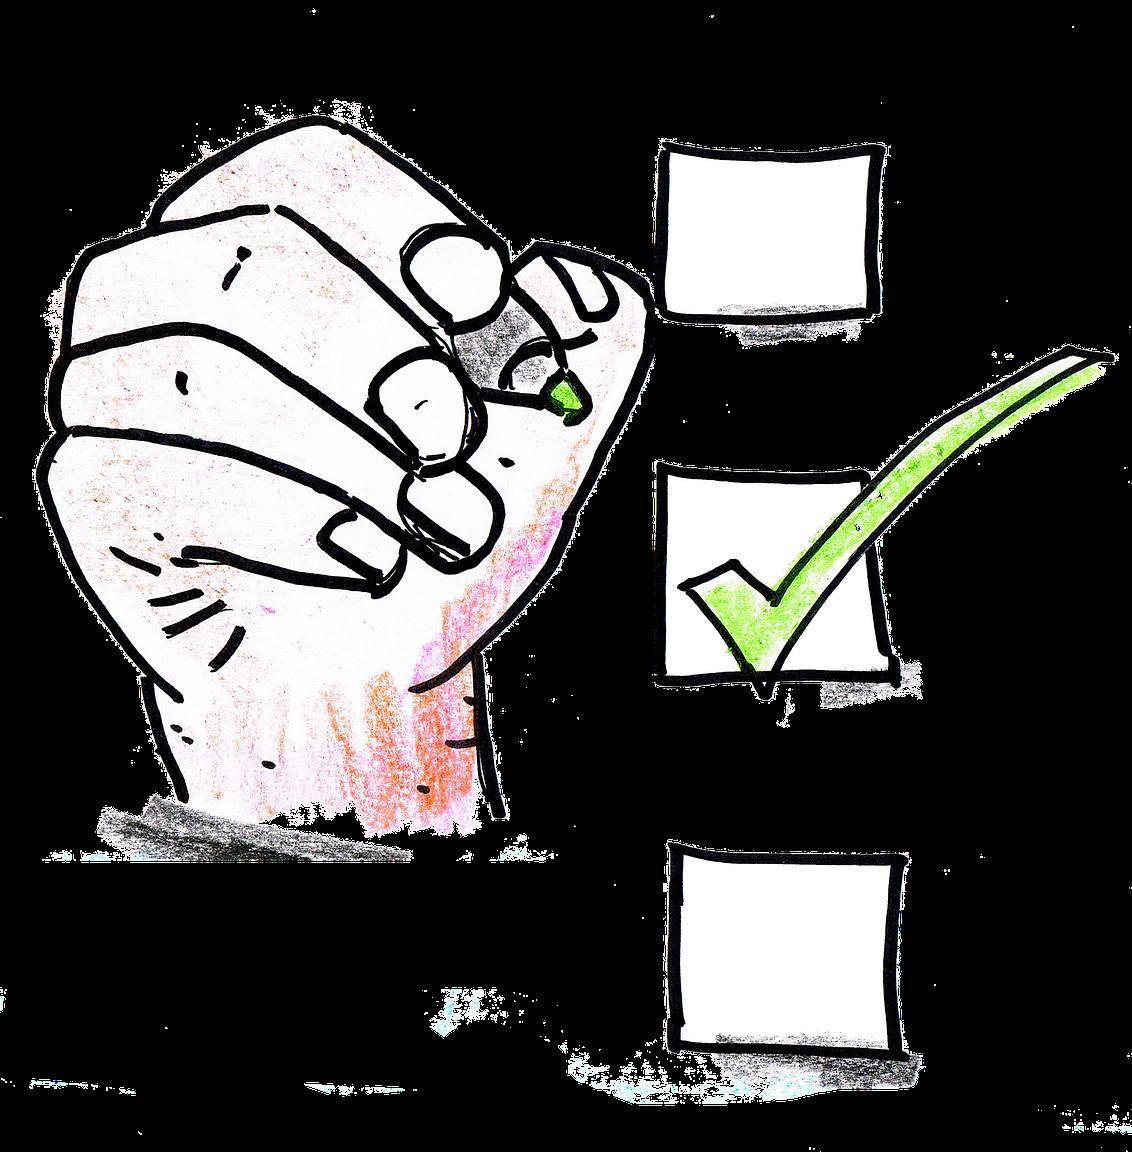 checklisten-im-verkauf-fragetechniken-verkaufsseminar-ulrike-knauer-muenchen-innsbruck-bozen-bedarf-kunden-verkaufstechniken-strategie-vertrieb-fragen